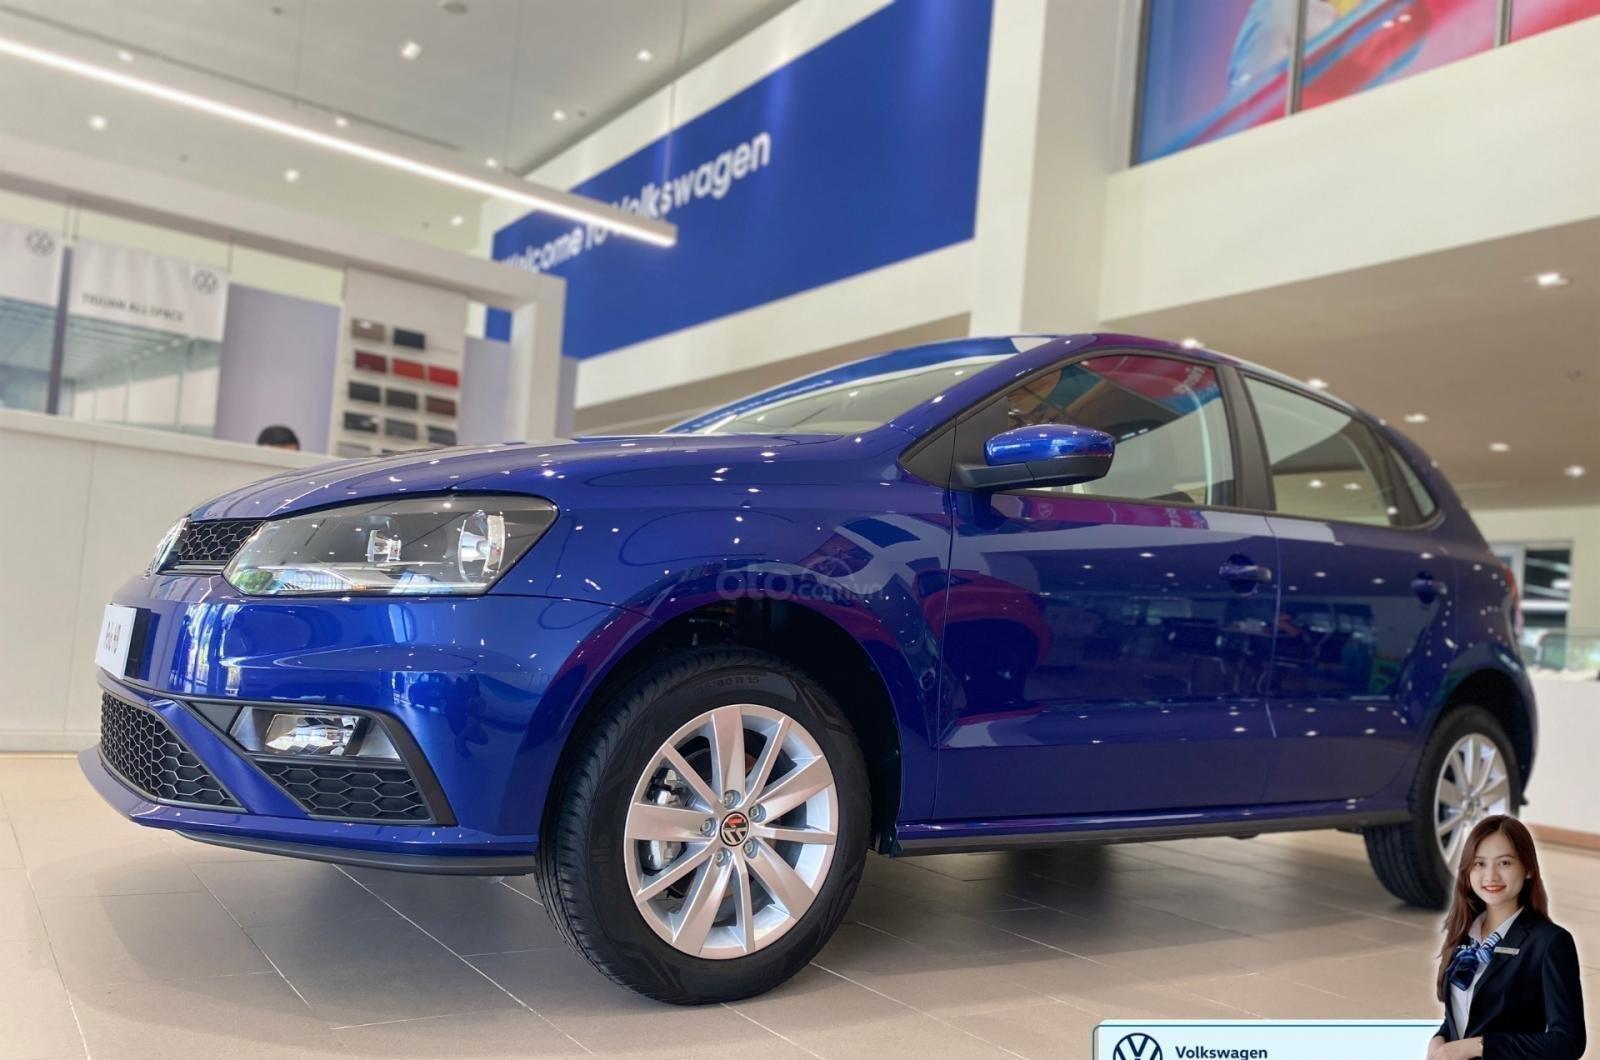 Polo hatchback màu xanh giá tốt - giảm tiền mặt + quà tặng ưu đãi lớn nhất năm (7)